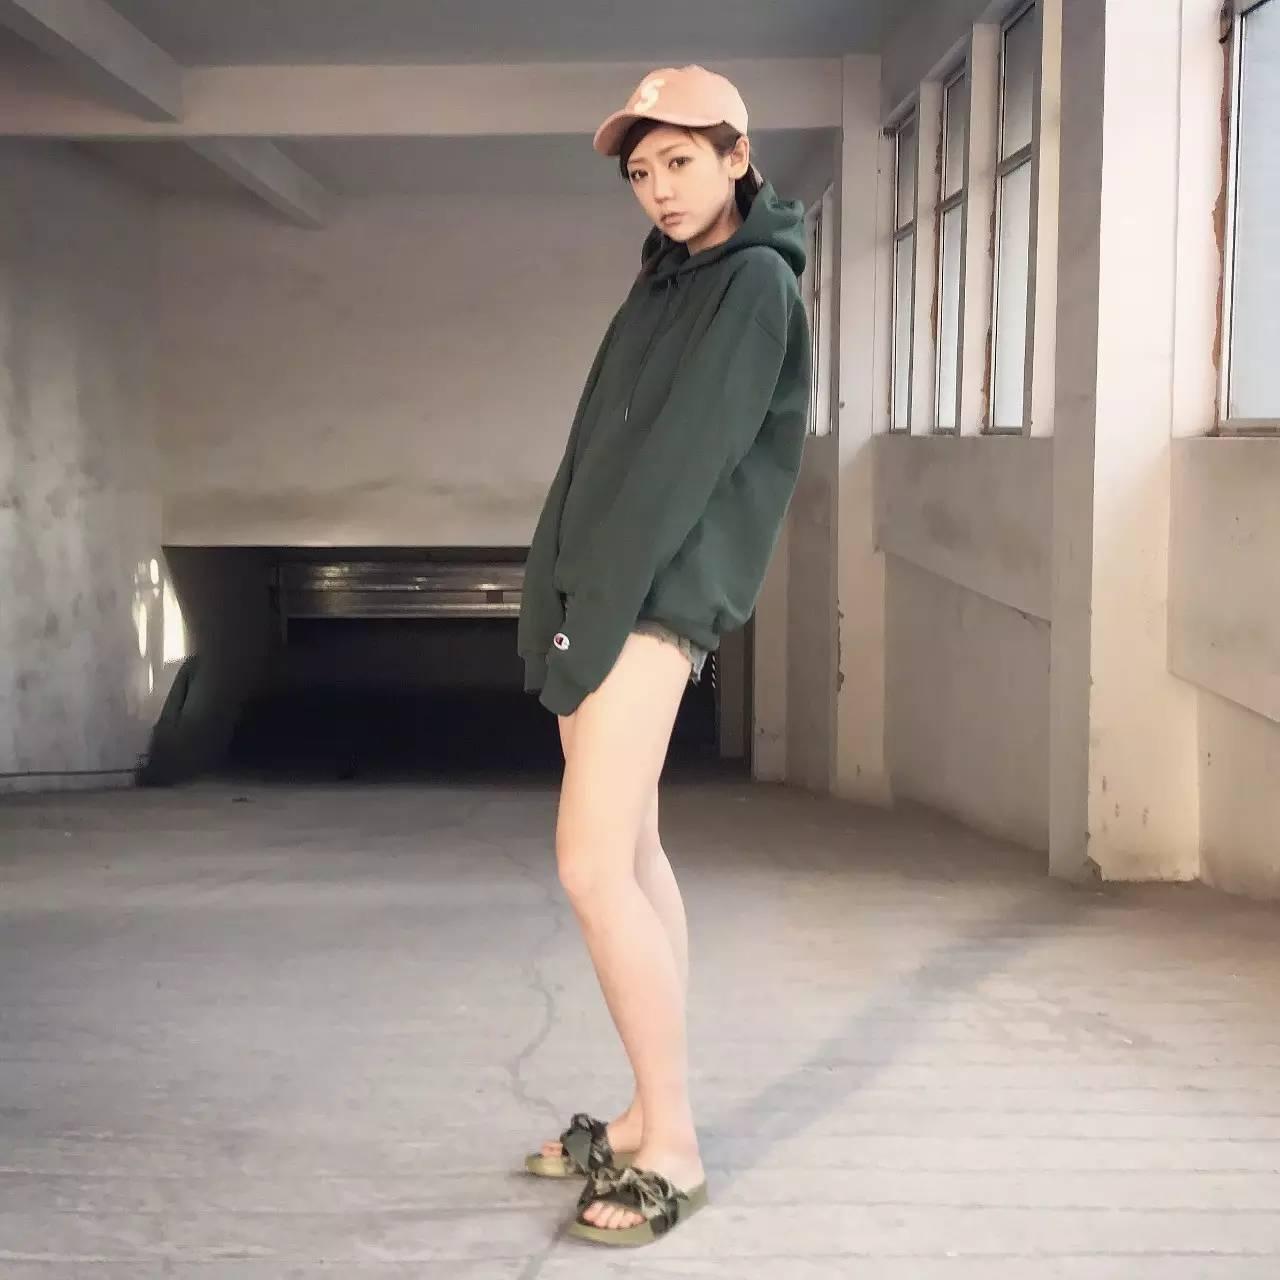 雨老师的女生穿搭示范 Vol.2丨老司机